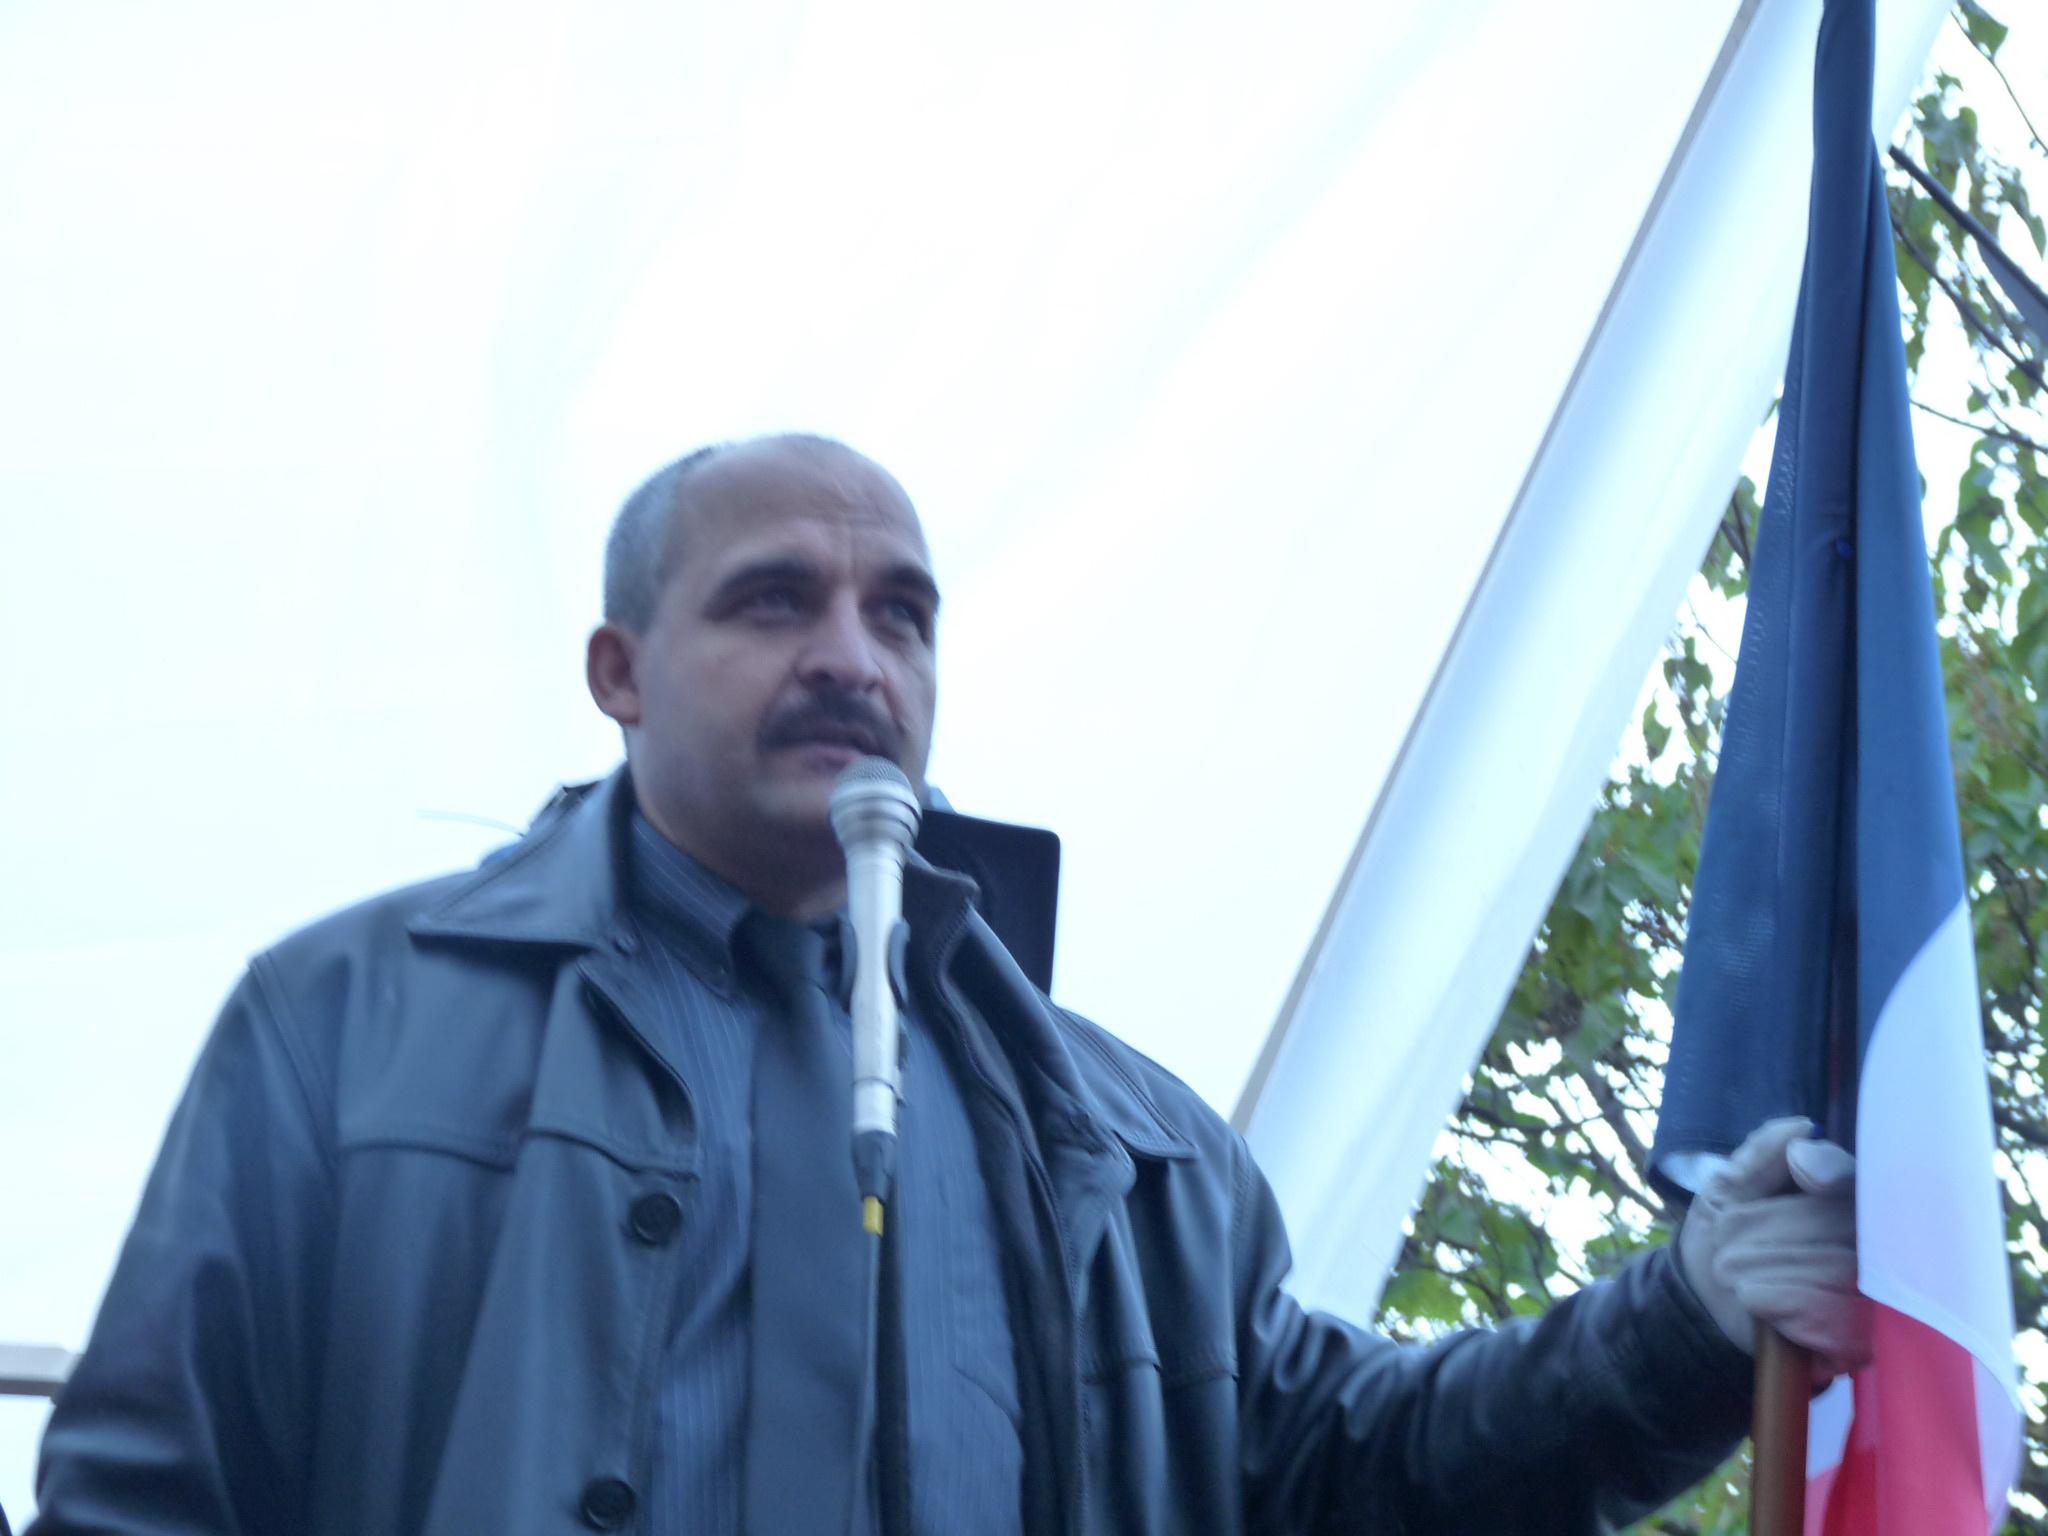 Pons : depuis que j'ai dénoncé le Coran, je suis censuré et discriminé